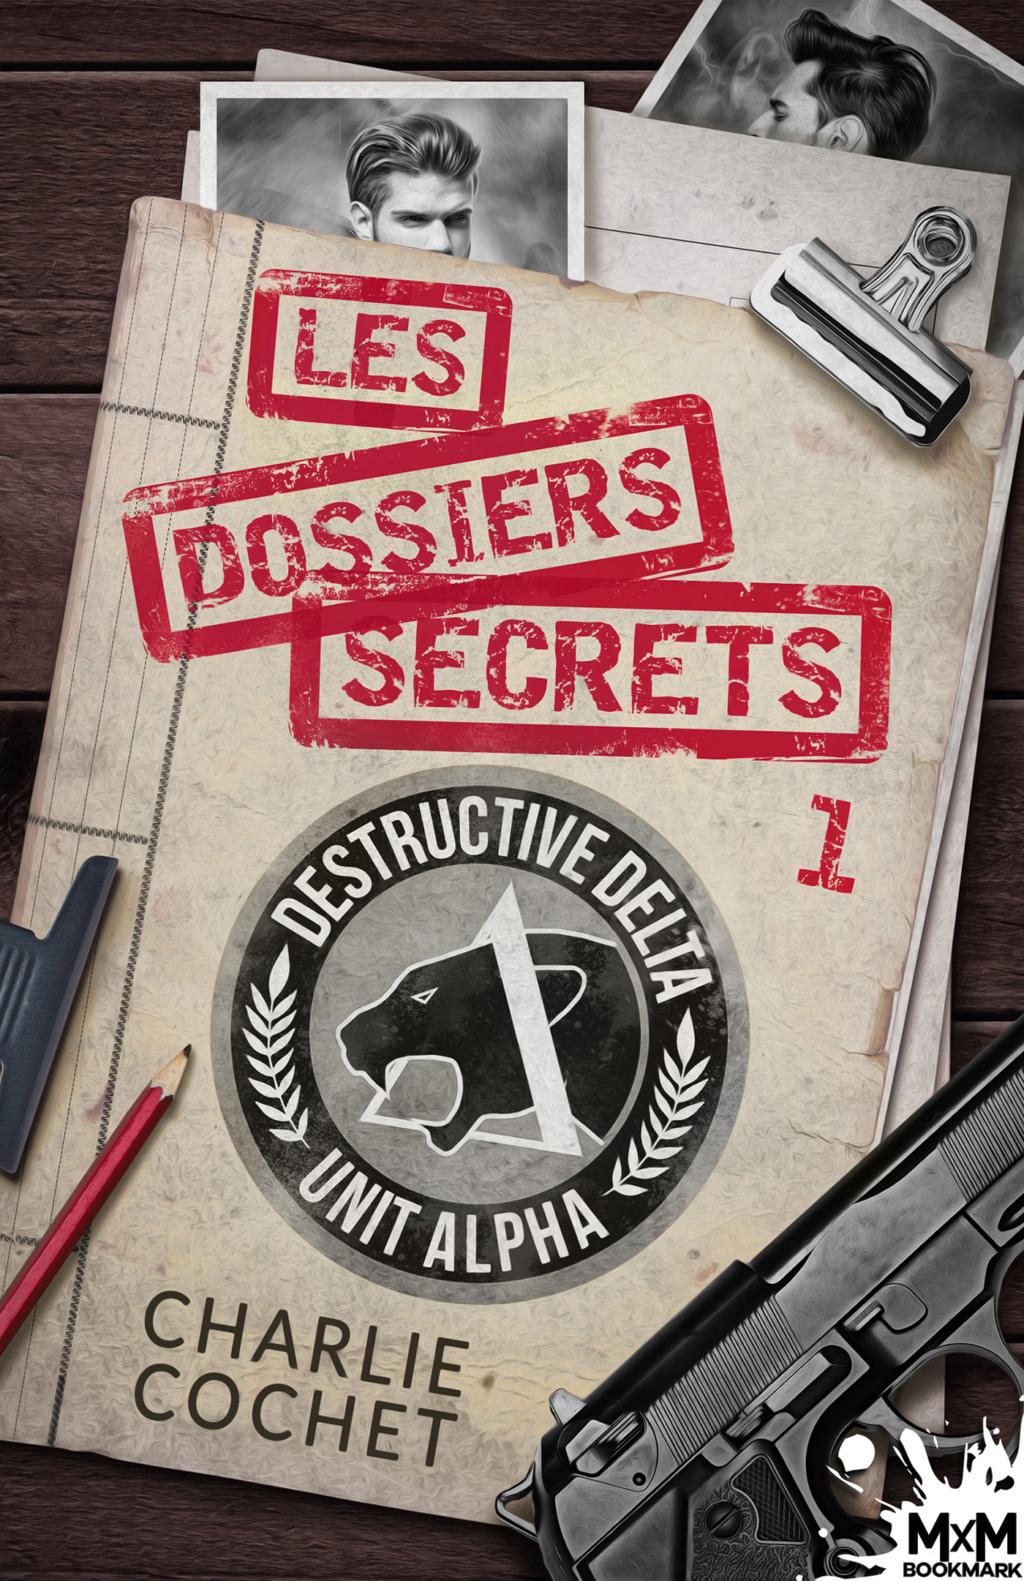 Charlie cochet?tid=0c88140306f6a808dc386ca9a1d45472 - THIRDS - Tome 10,1 : Les dossiers secrets 1 de Charlie Cochet Baacdd10